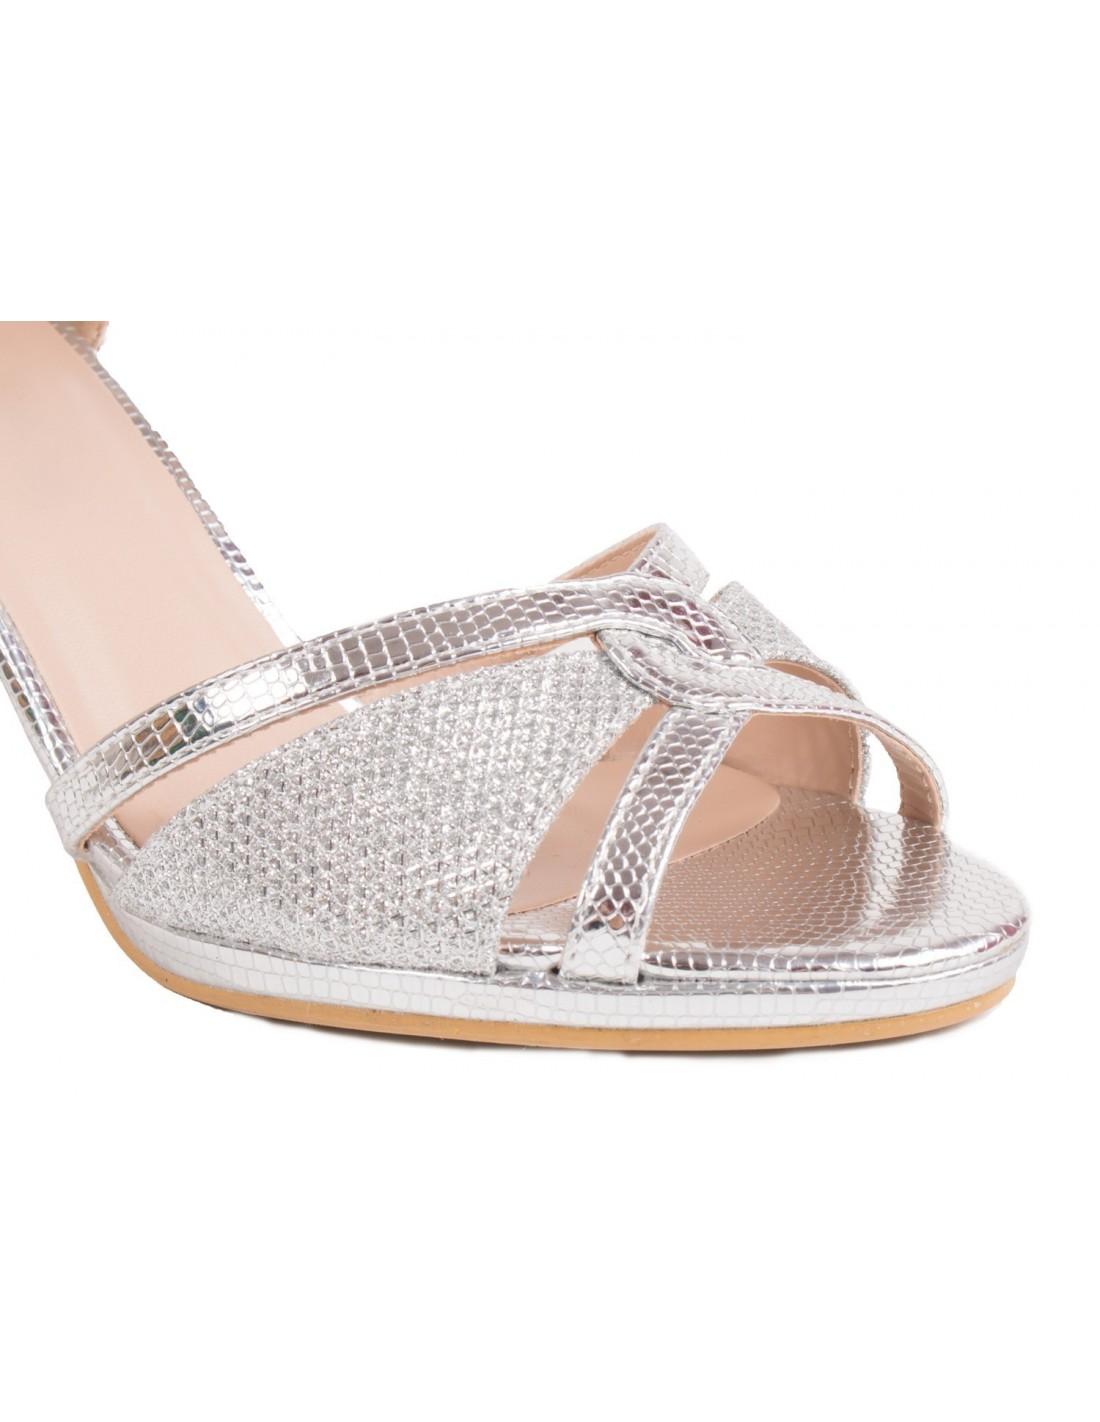 ... Chaussures ceremonie mariage argentées femme type sandales argentées à petit  talon   bout ouvert ... 63ffe0bfd01d